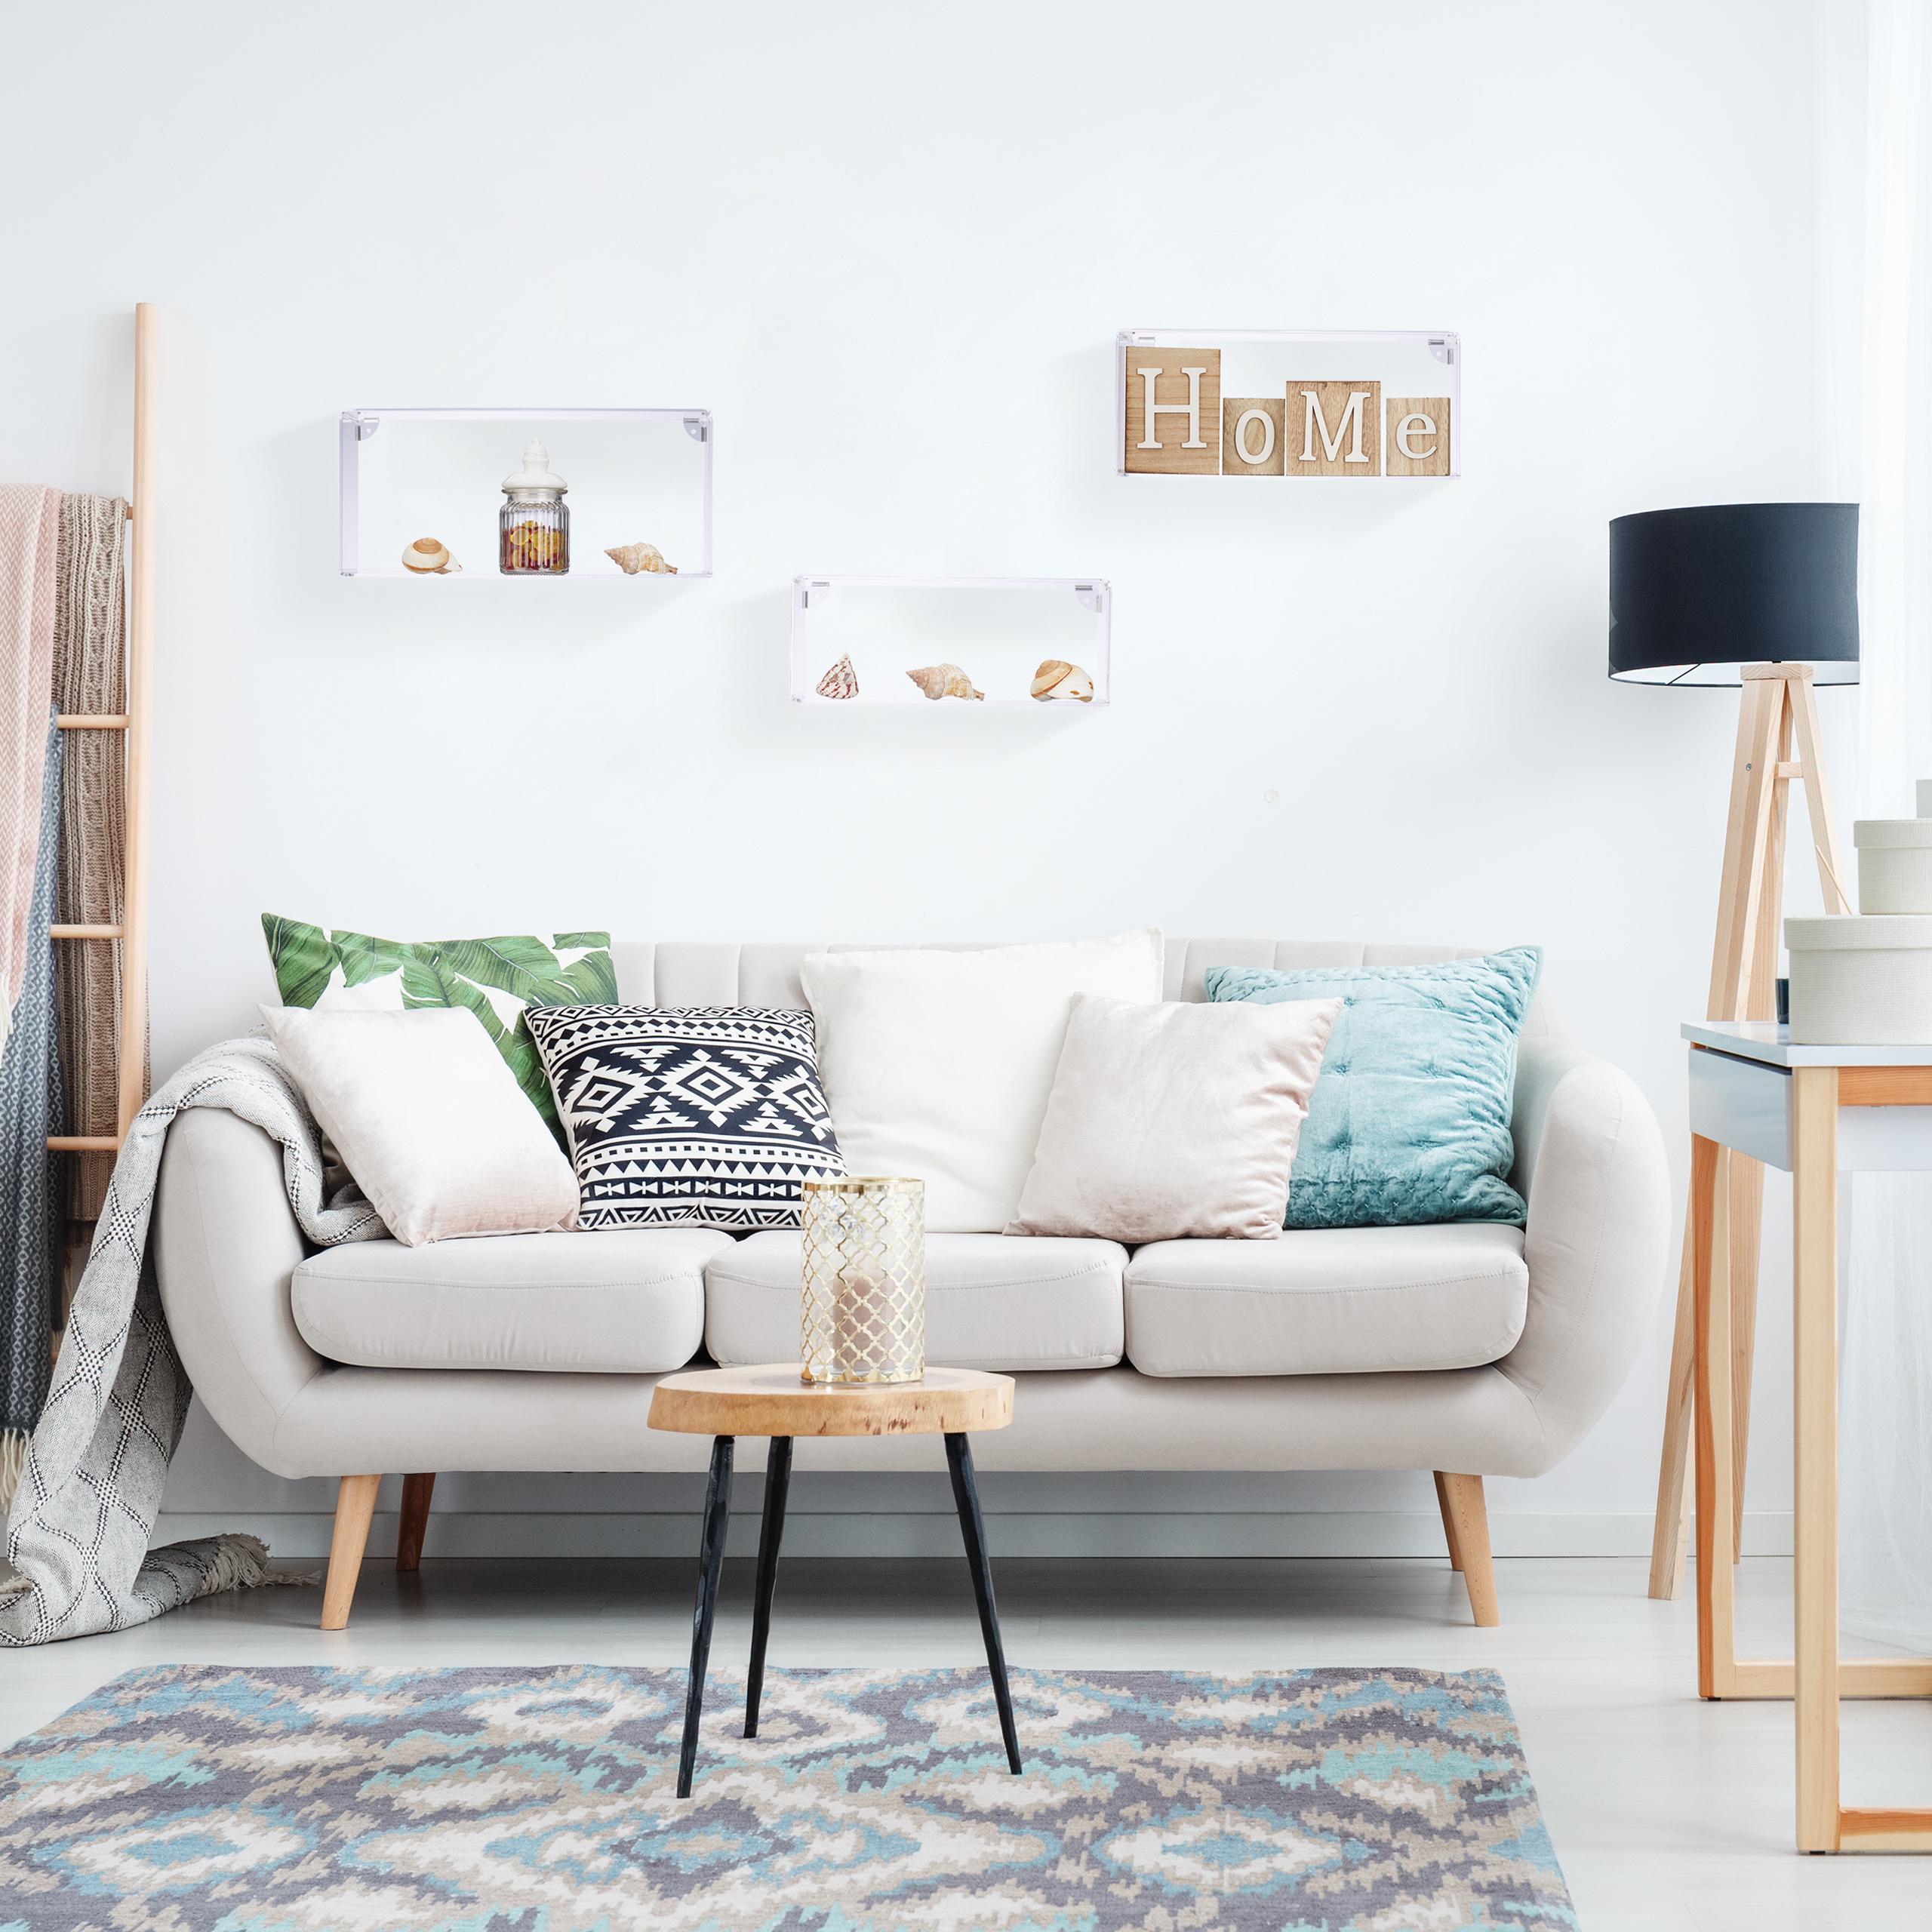 wandregal acryl 3er set wandboard h ngeregal wandablage. Black Bedroom Furniture Sets. Home Design Ideas